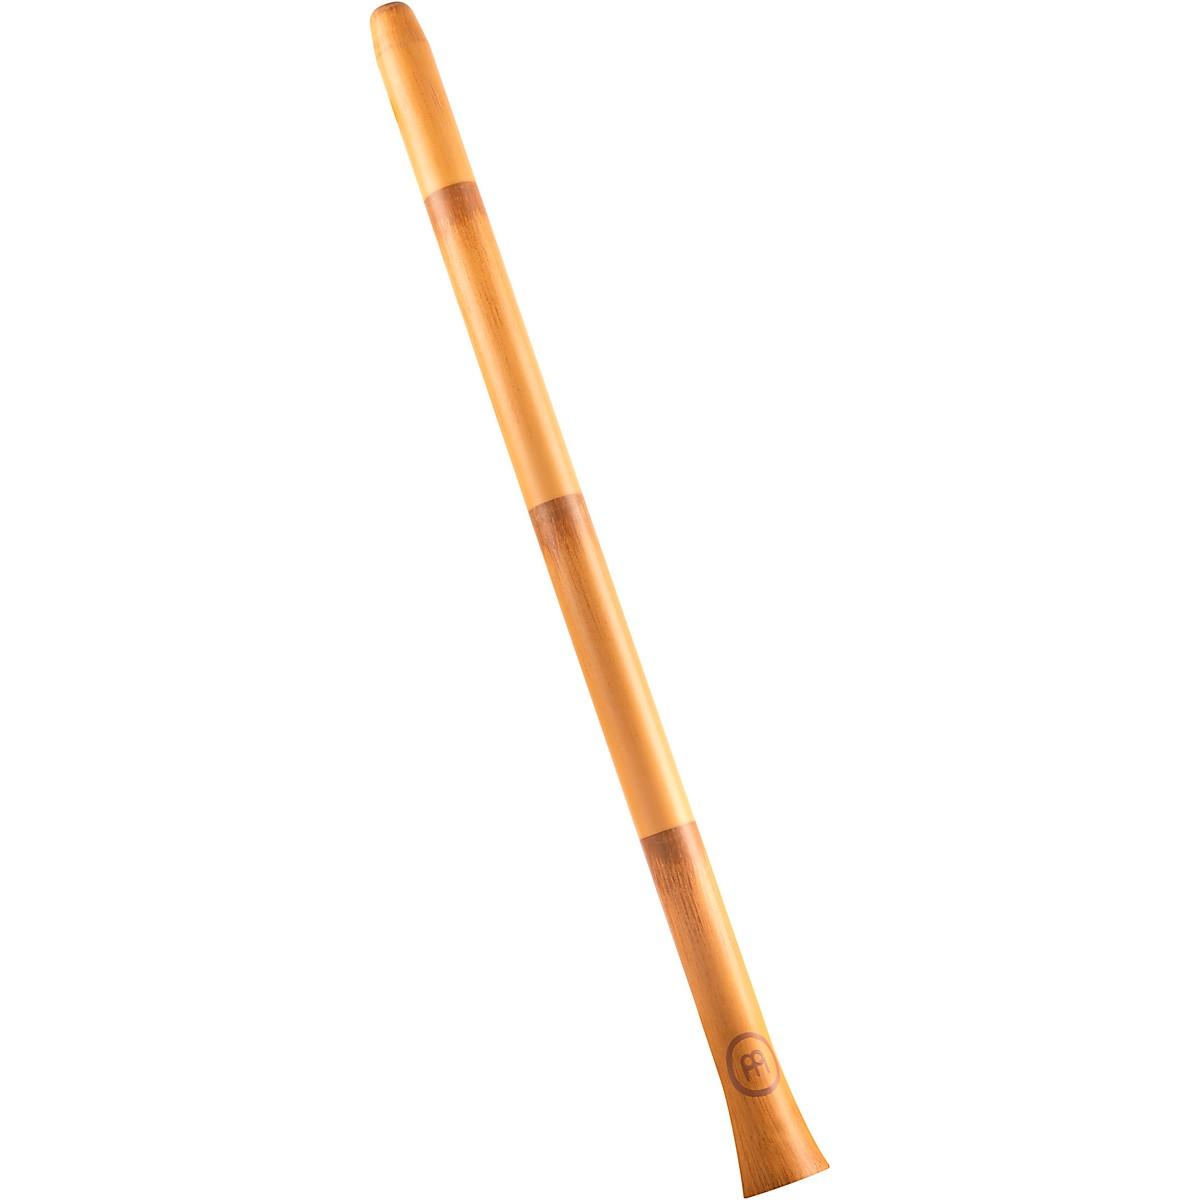 Meinl Synthetic Didgeridoo, Bamboo